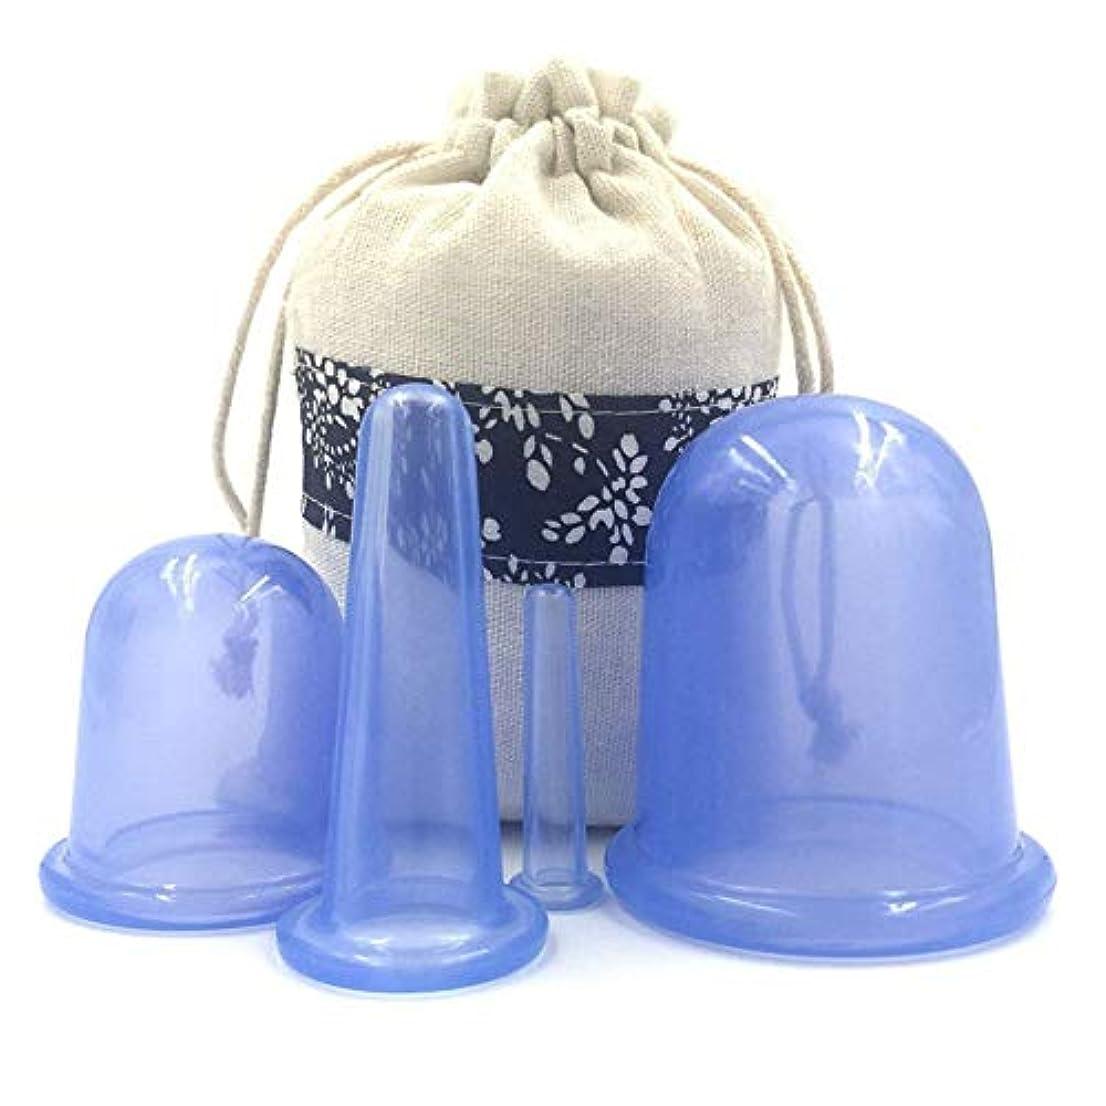 分布クランプ弁護士治療 カッピングポンプ 吸引器-カッピング療法と筋肉痛の痛みの軽減のための4つのマッサージカップセルライトカッピング用のアンチセルライトマッサージカップ (Color : Clear)